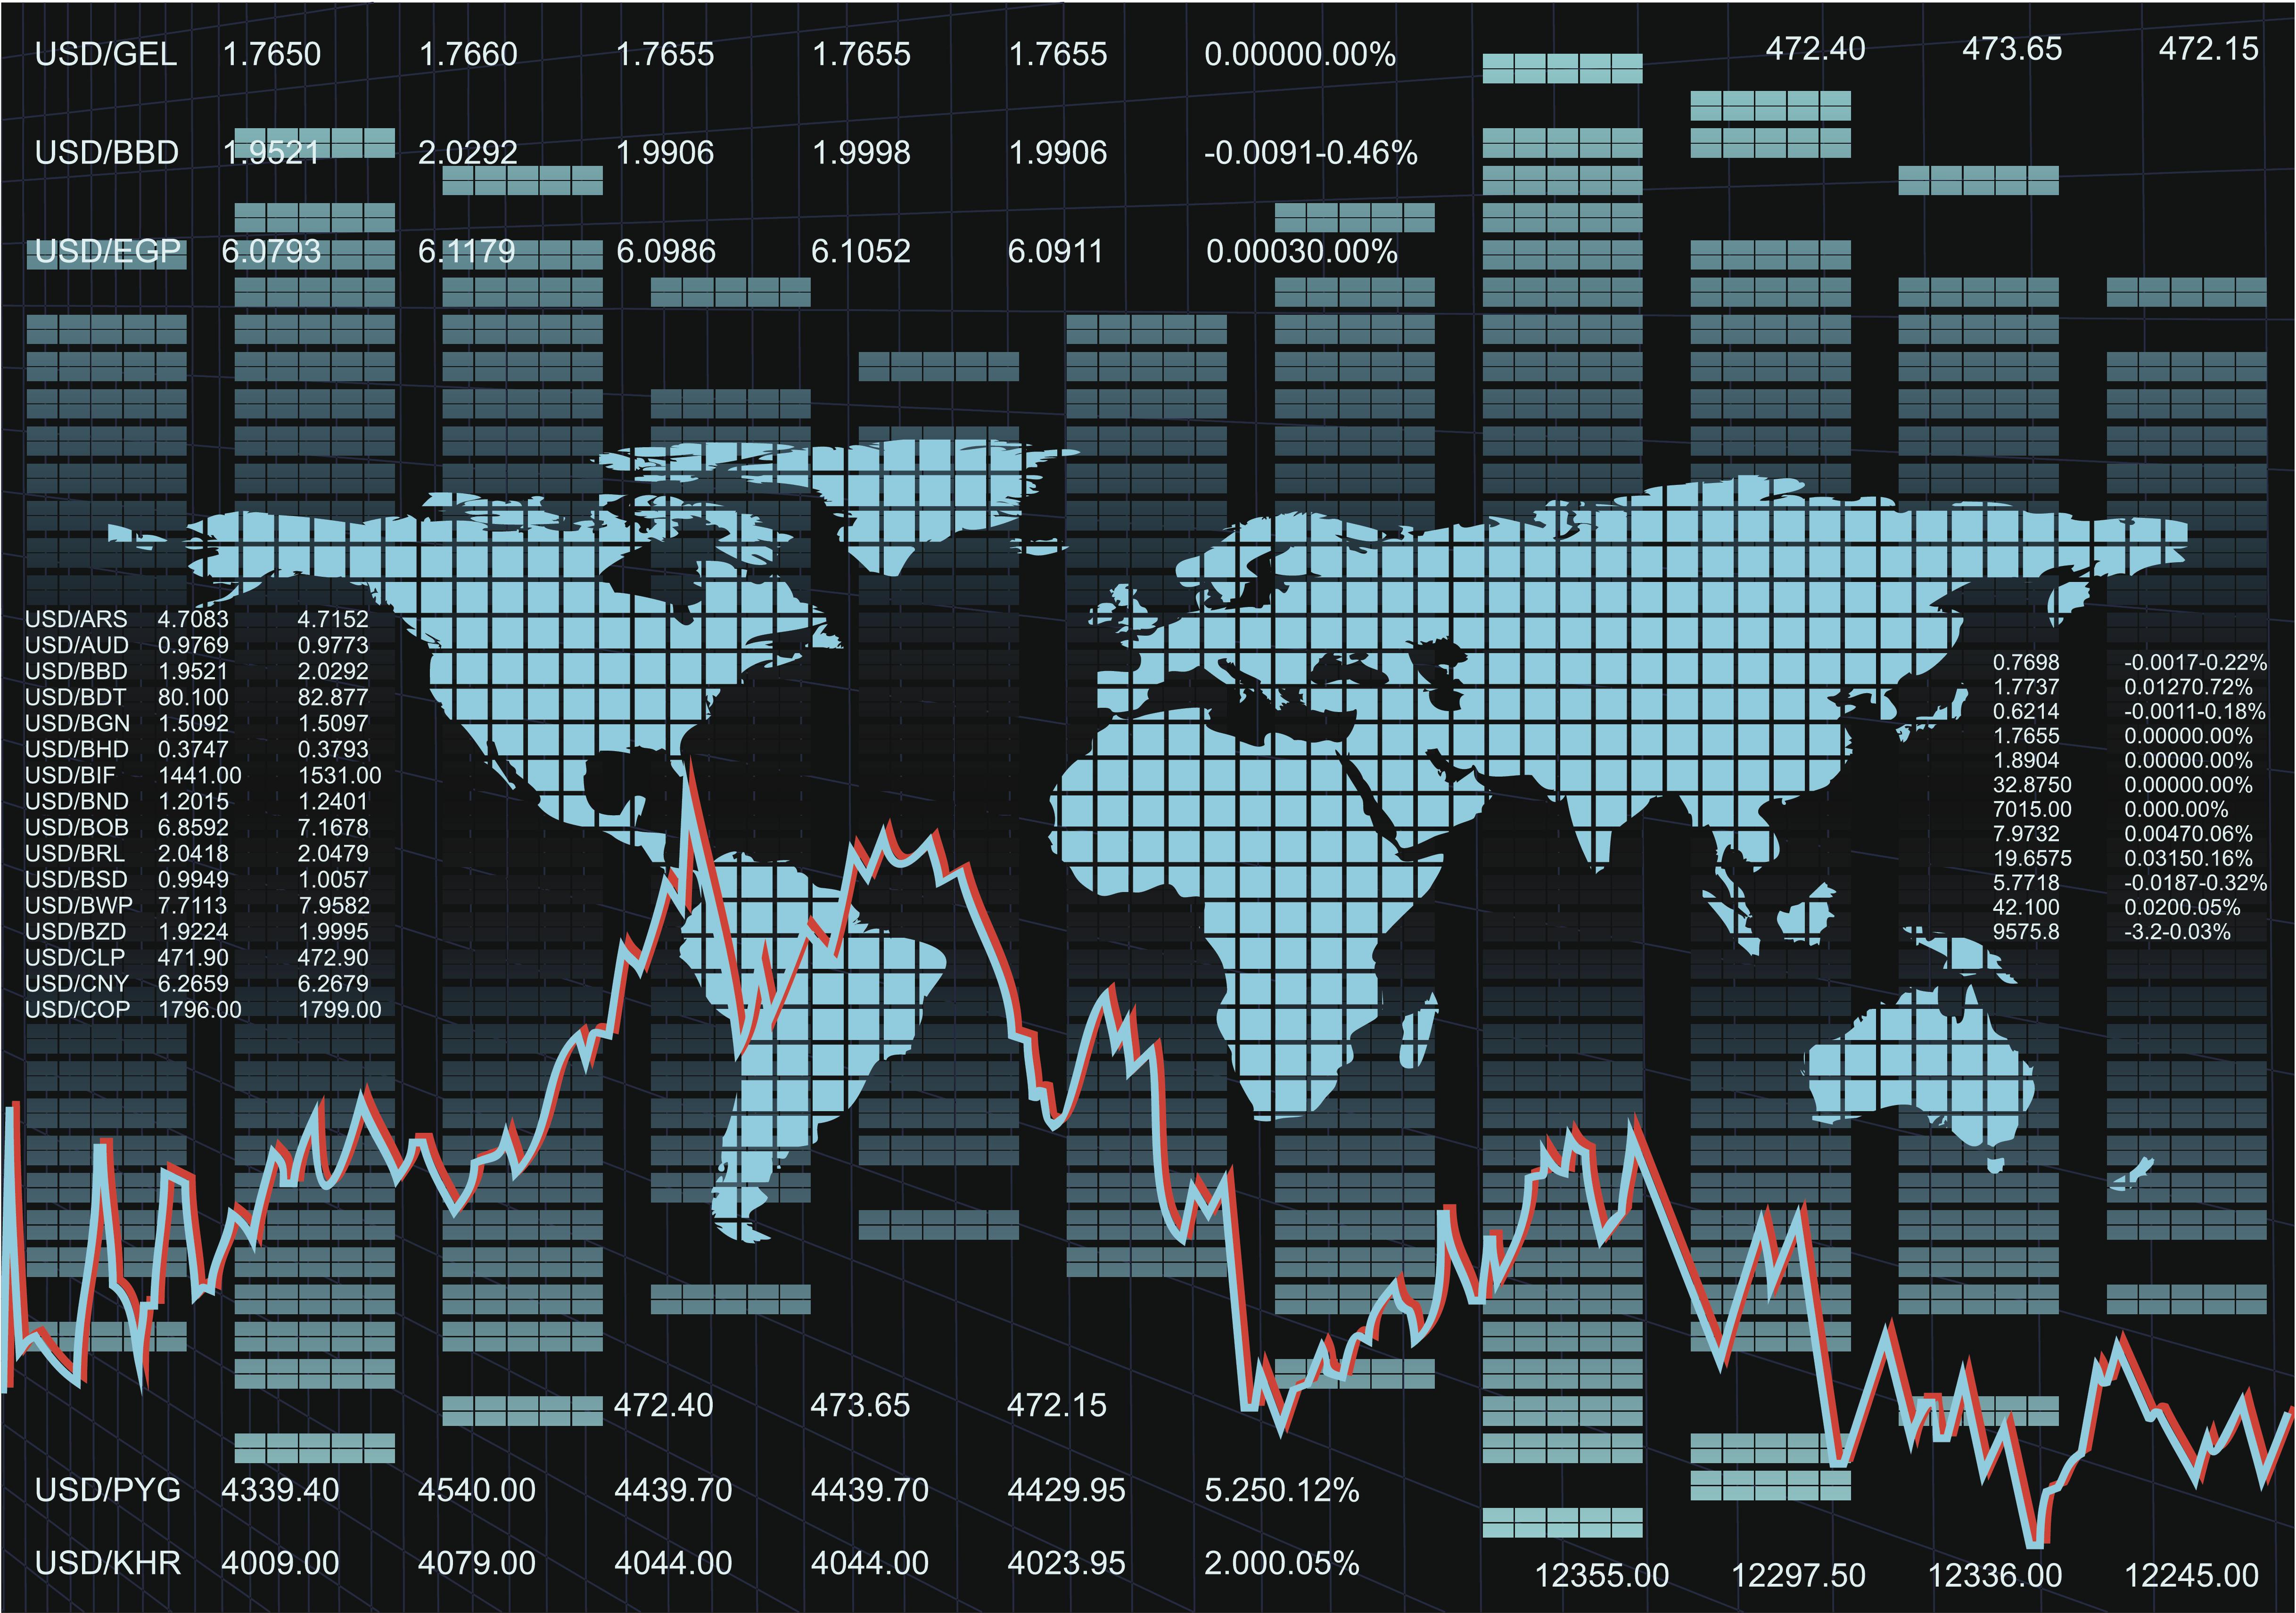 比特币(Bitcion)走势预测:迟迟不破60000美元关口,宜警惕筑顶风险